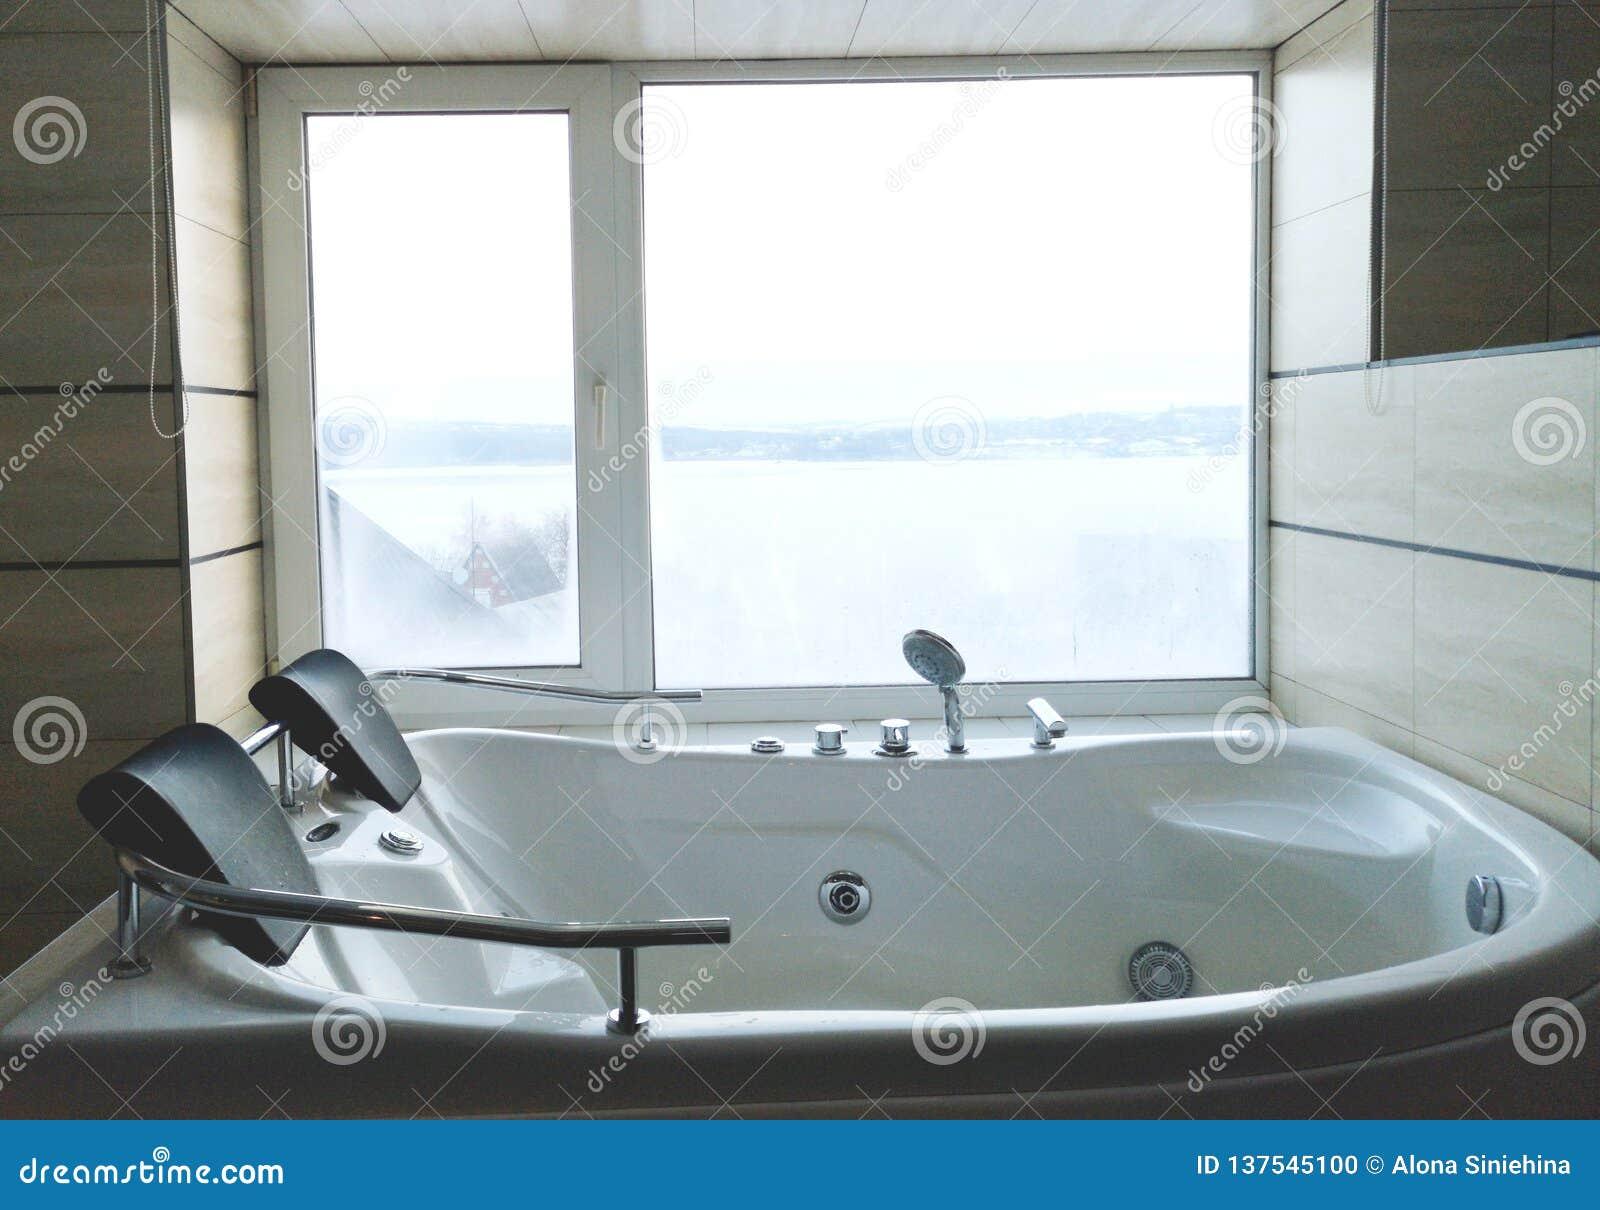 Heiße Wanne im Hotelzimmer Schöne Ansicht, Entspannung und Entspannung Foto durch die Reflexion des Spiegels